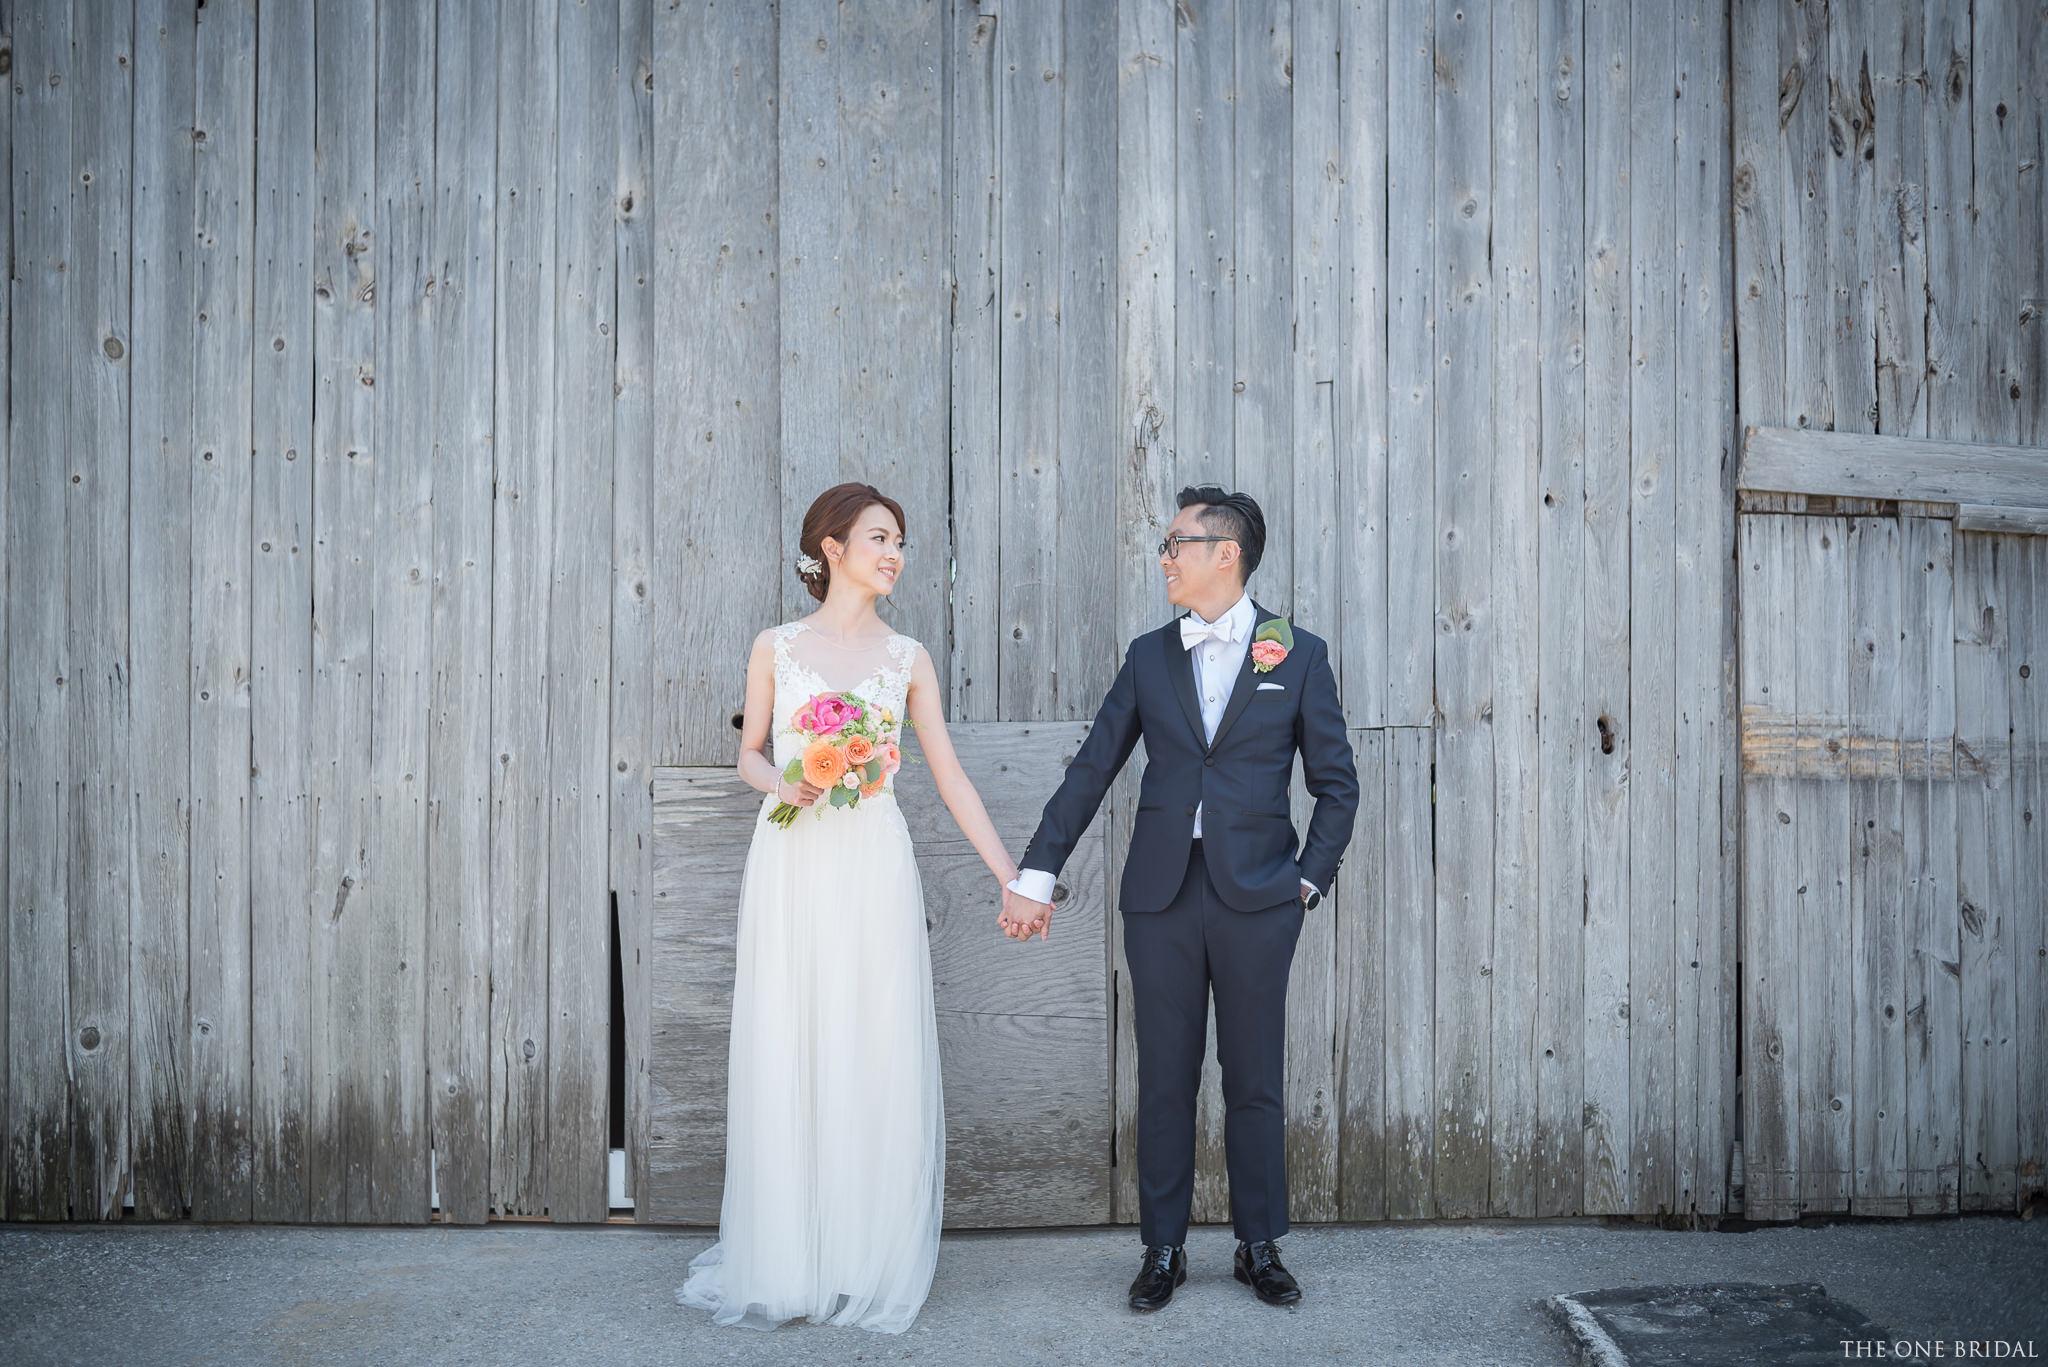 mandarin-golf-club-wedding-markham-the-one-bridal-022-2